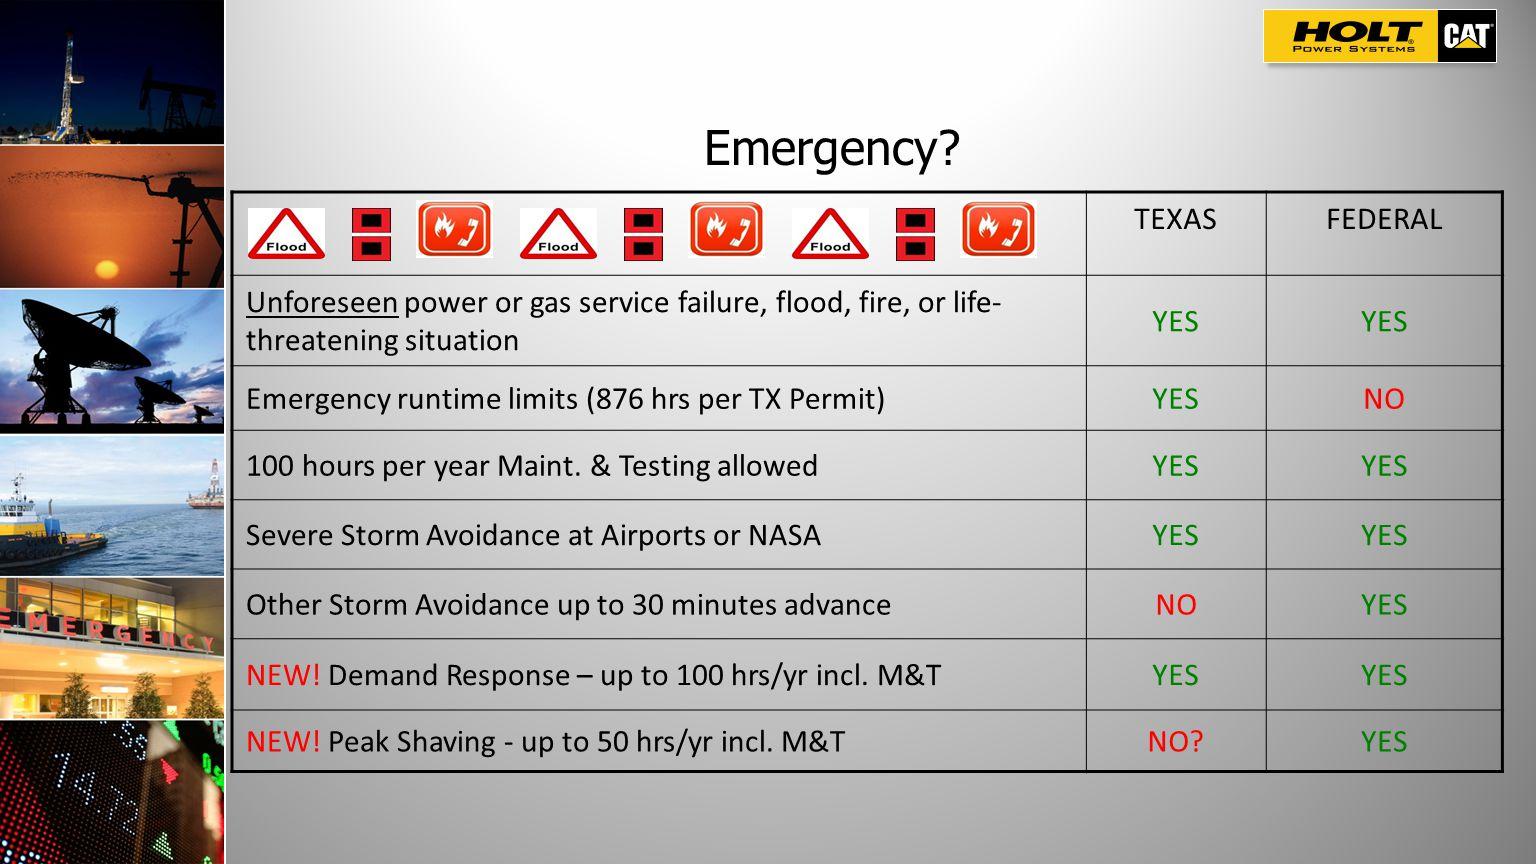 Emergency TEXAS FEDERAL